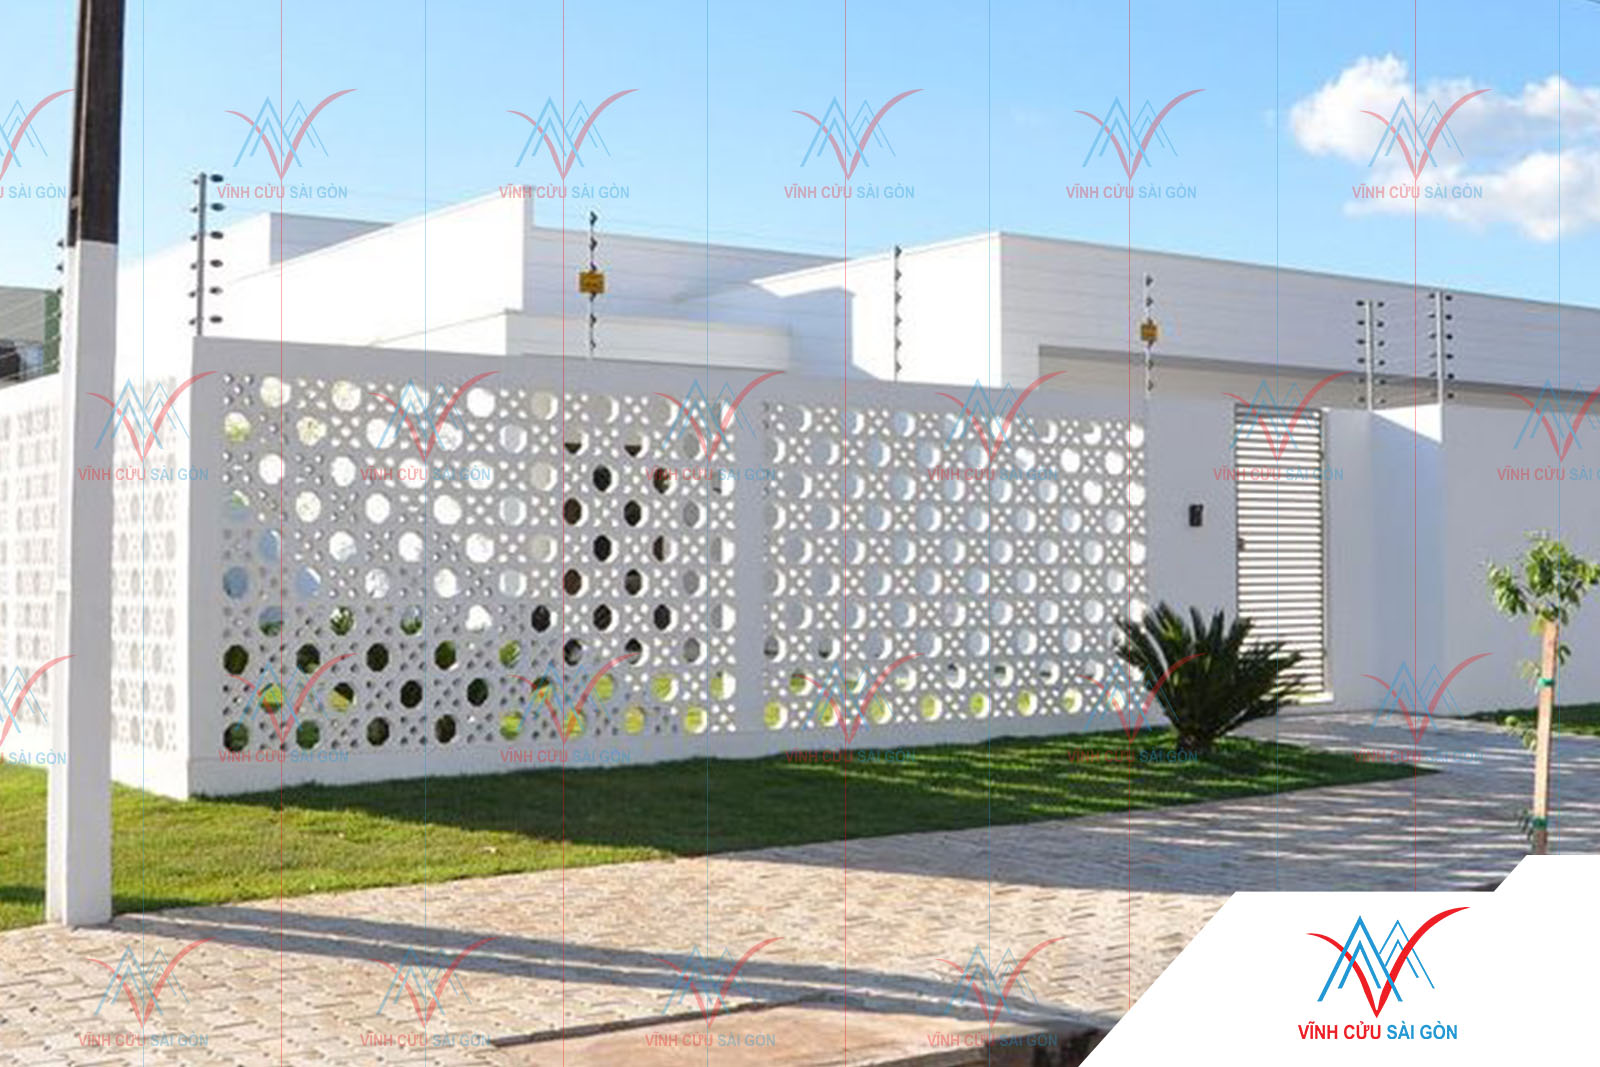 Công trình thực tế sử dụng gạch bông gió mỹ thuật VCB-026 trắng (190x190x65 mm)